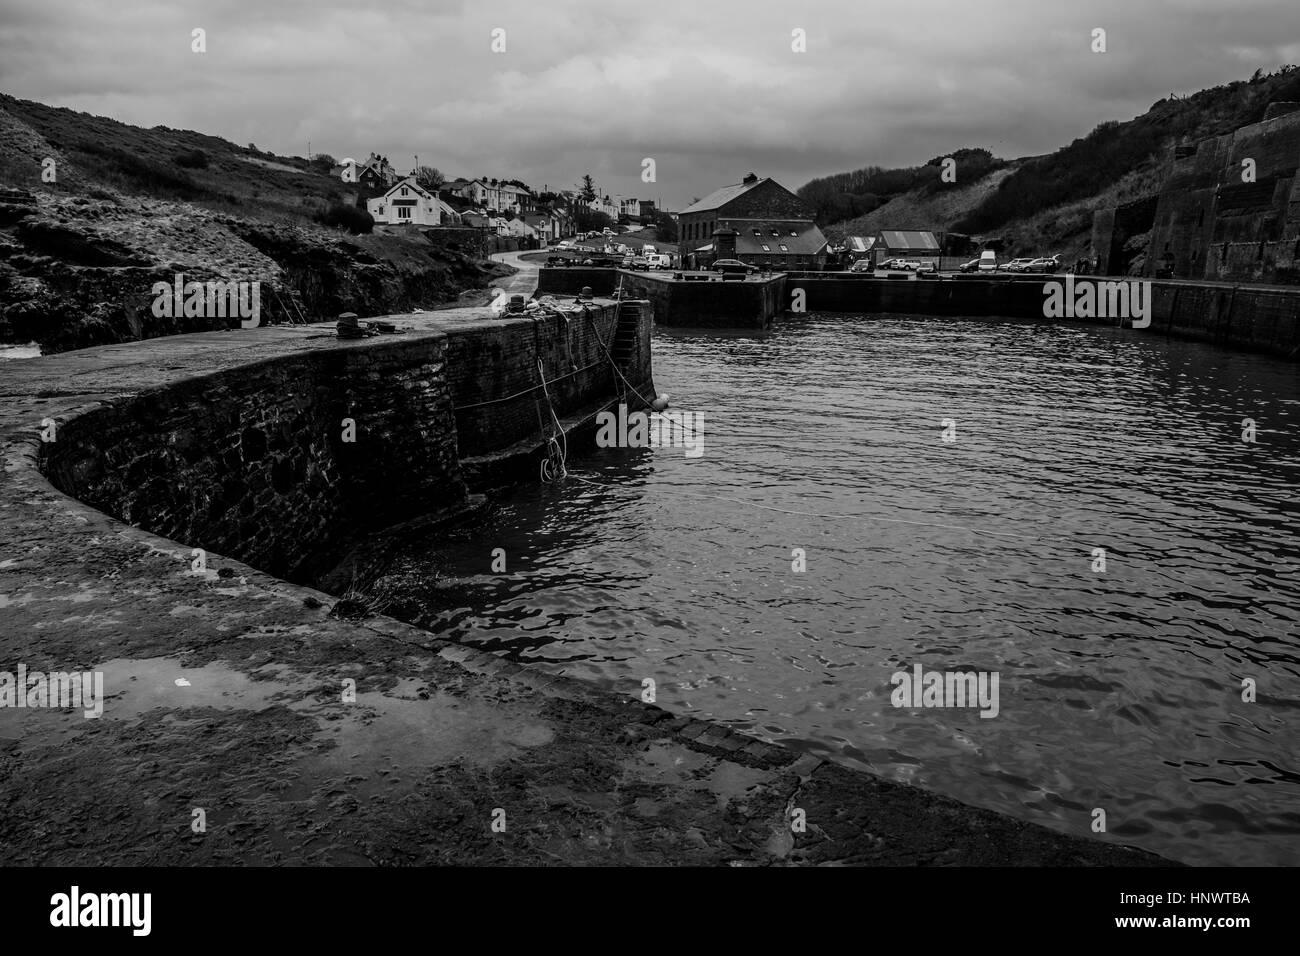 Welsh landscapes - Stock Image